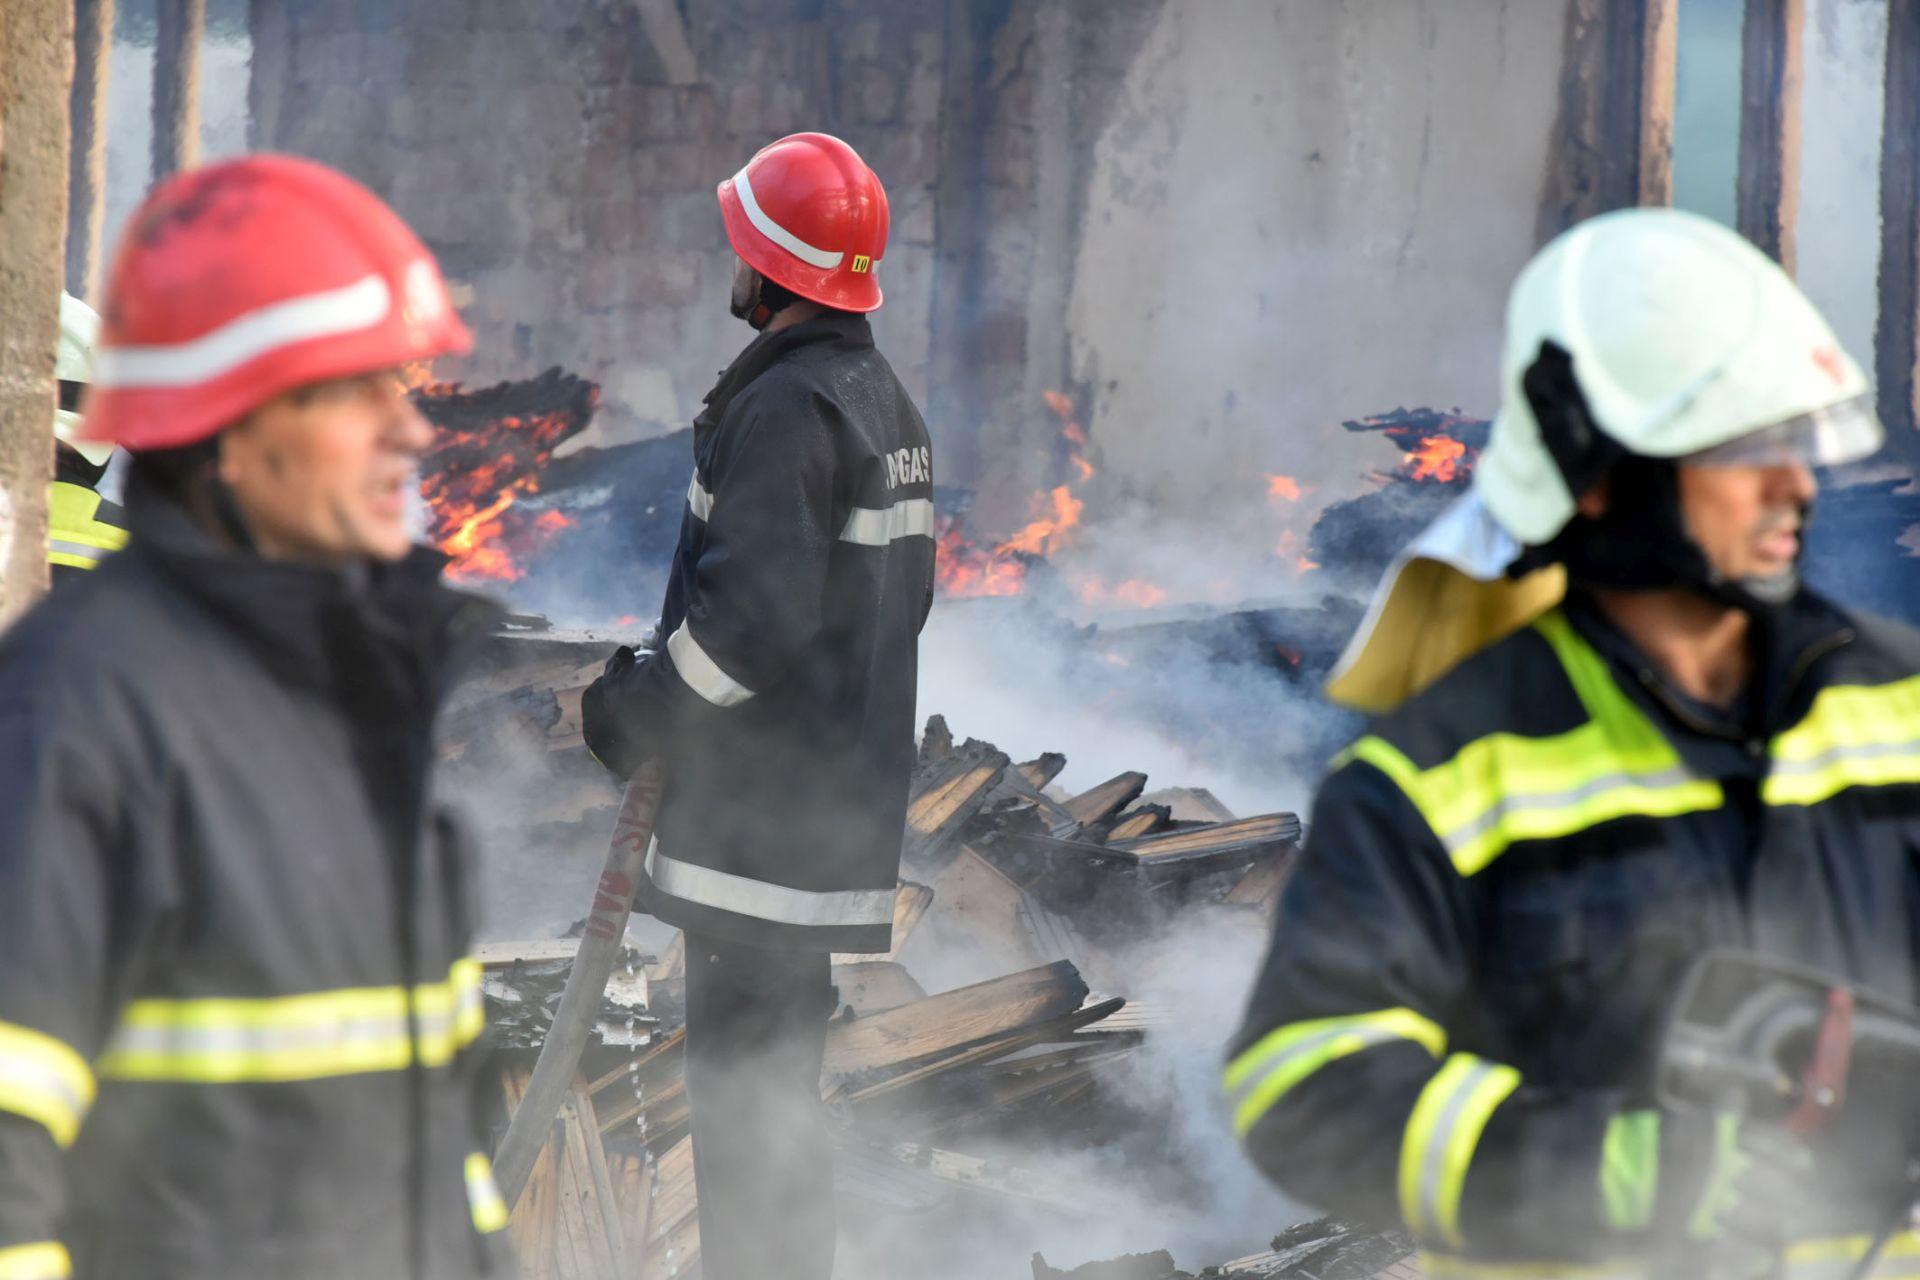 POŽAR KOD BIVŠEG VOJNOG SKLADIŠTA KOD SESVETA Jedan vatrogasac ozlijeđen, čuju se eksplozije streljiva